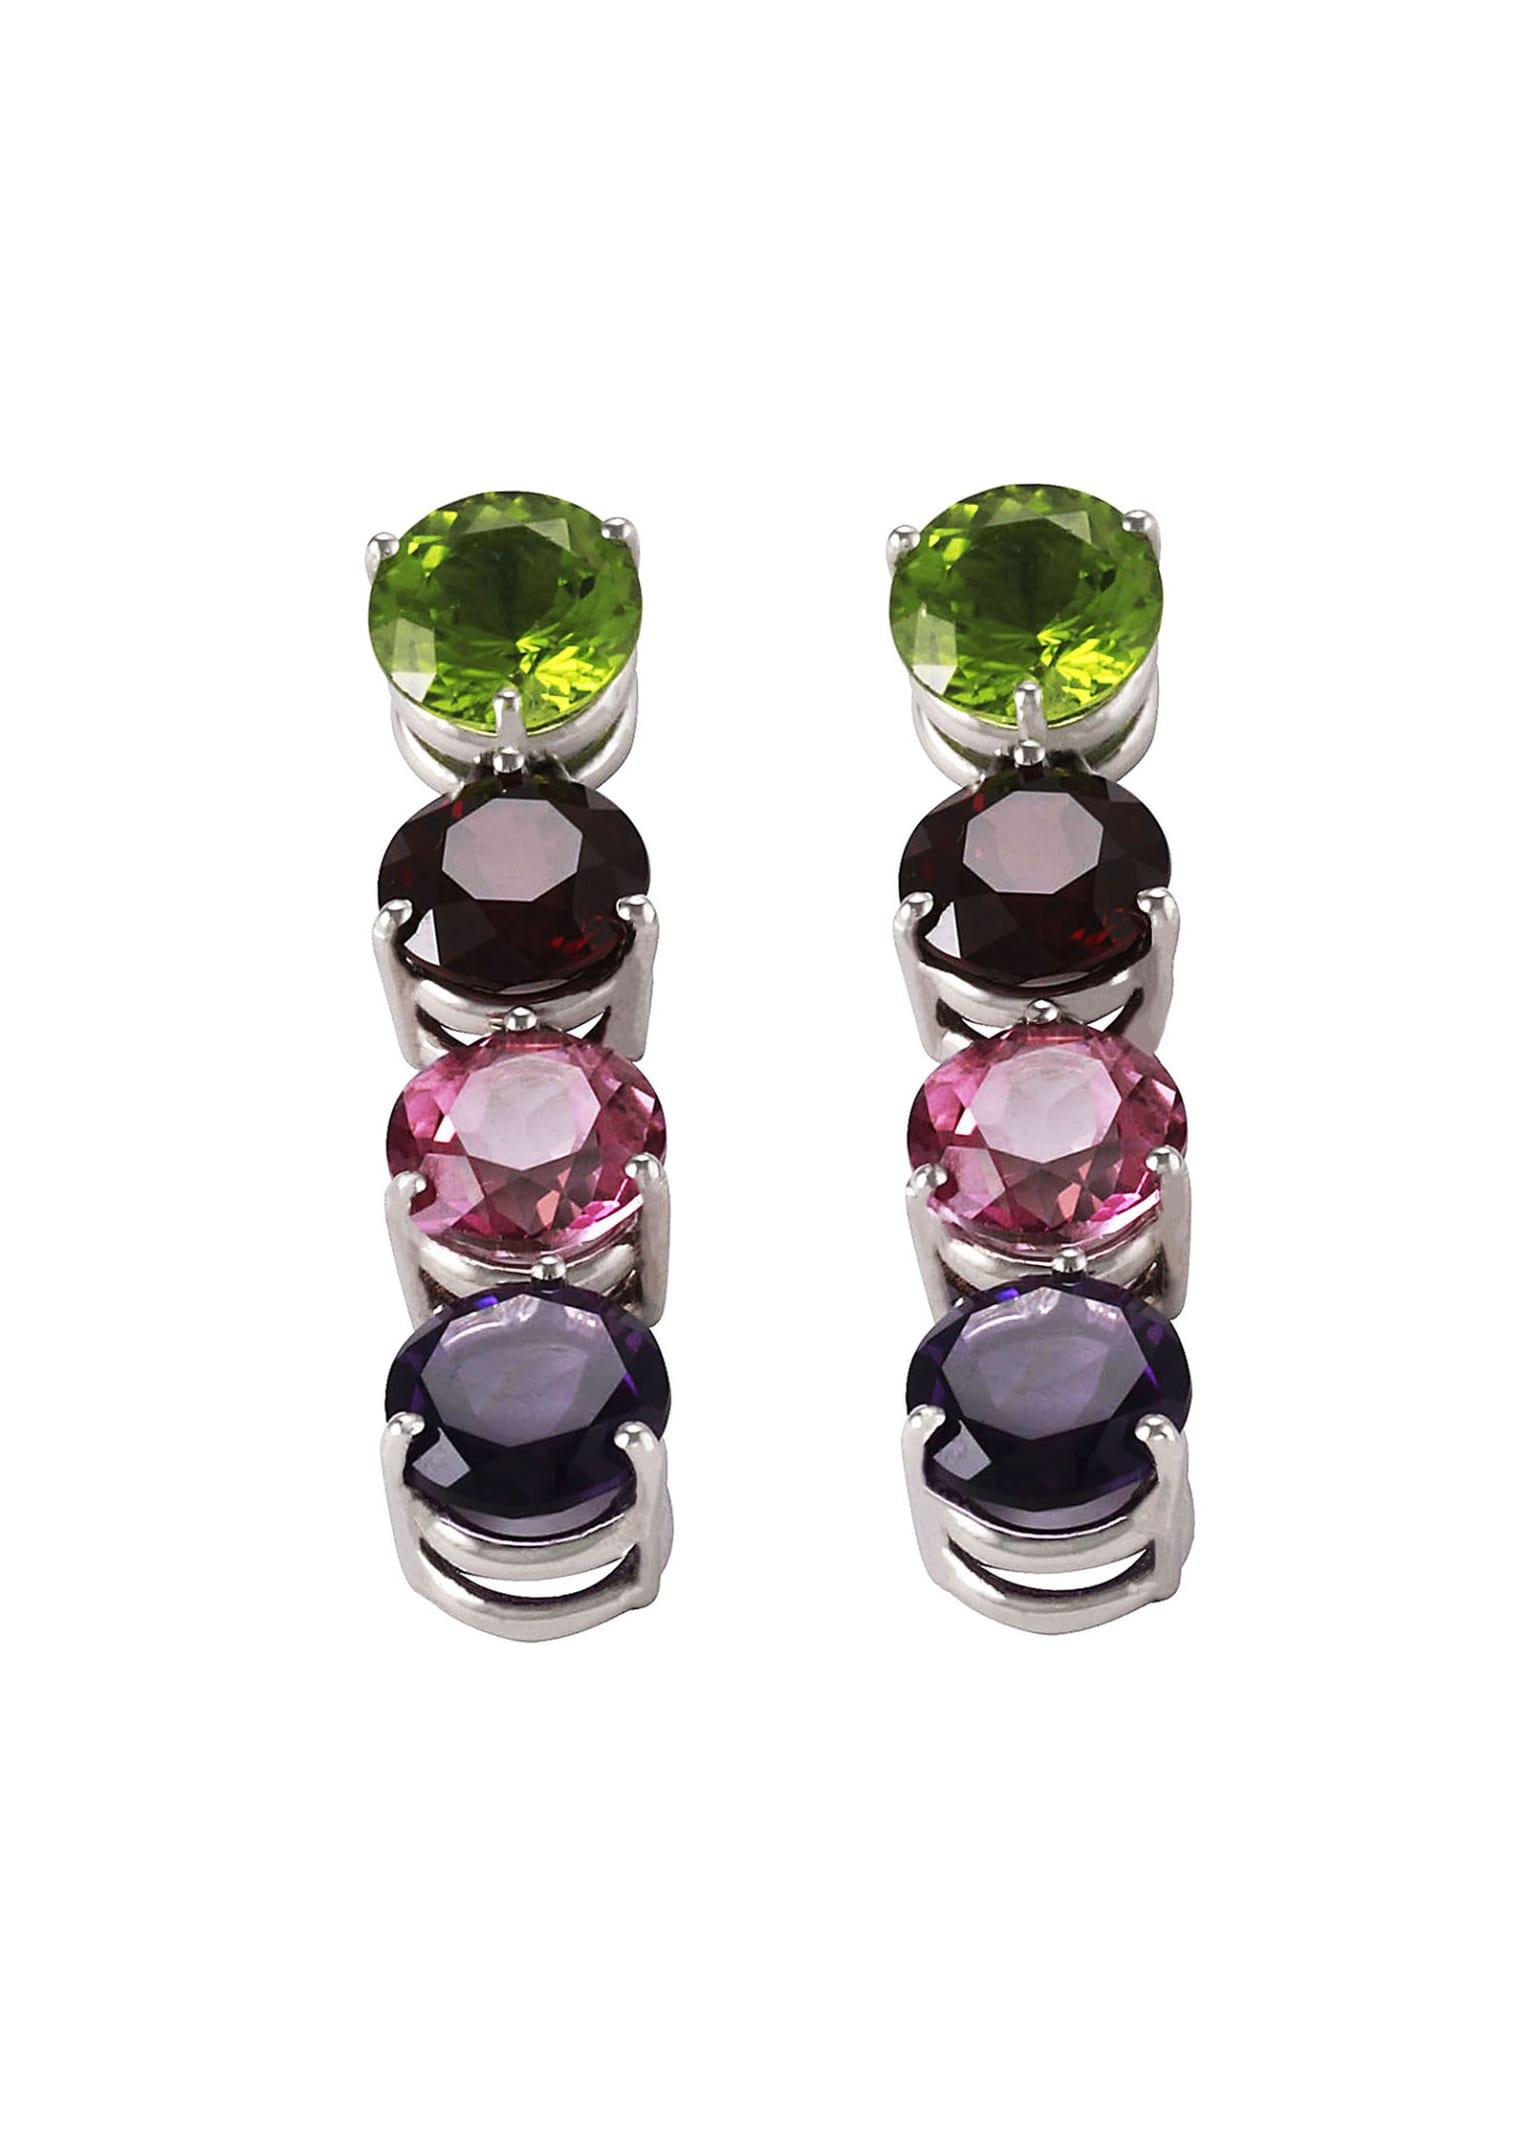 Lo Spazio Autunno Drop Earrings